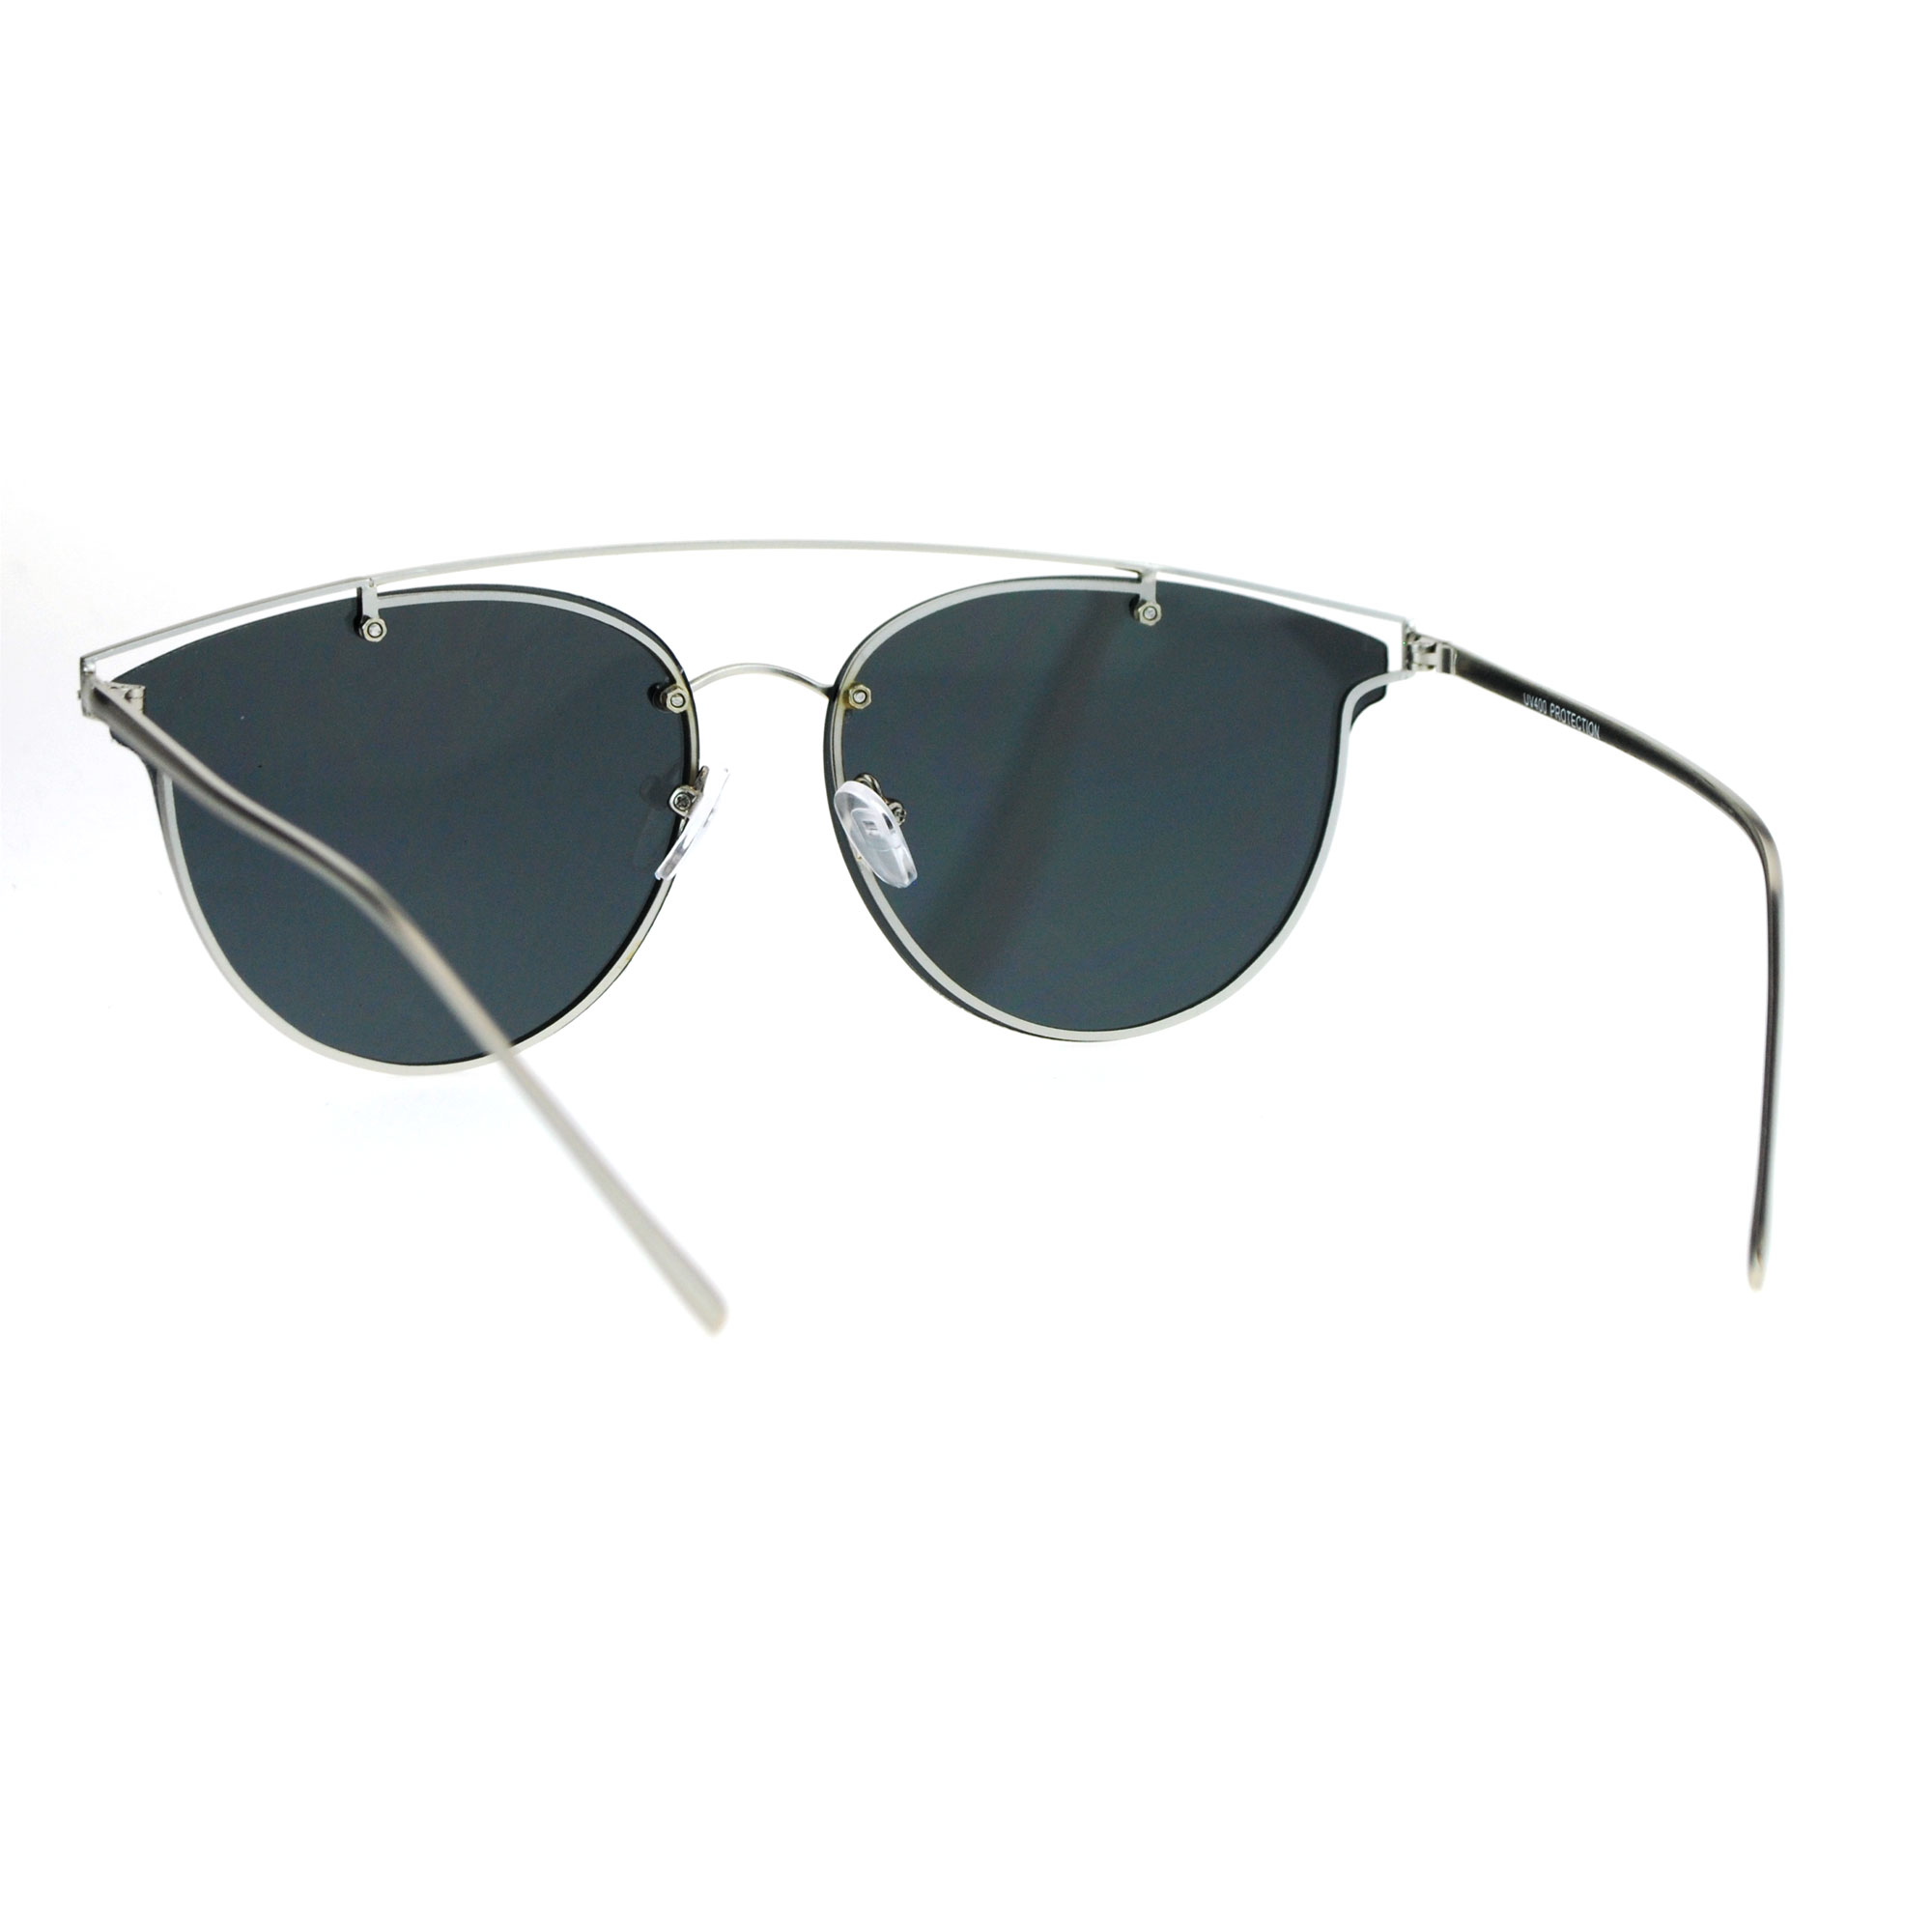 Rimless Wire Glasses : SA106 Flat Panel Unique Rimless Wire Bridge Horn Rim ...